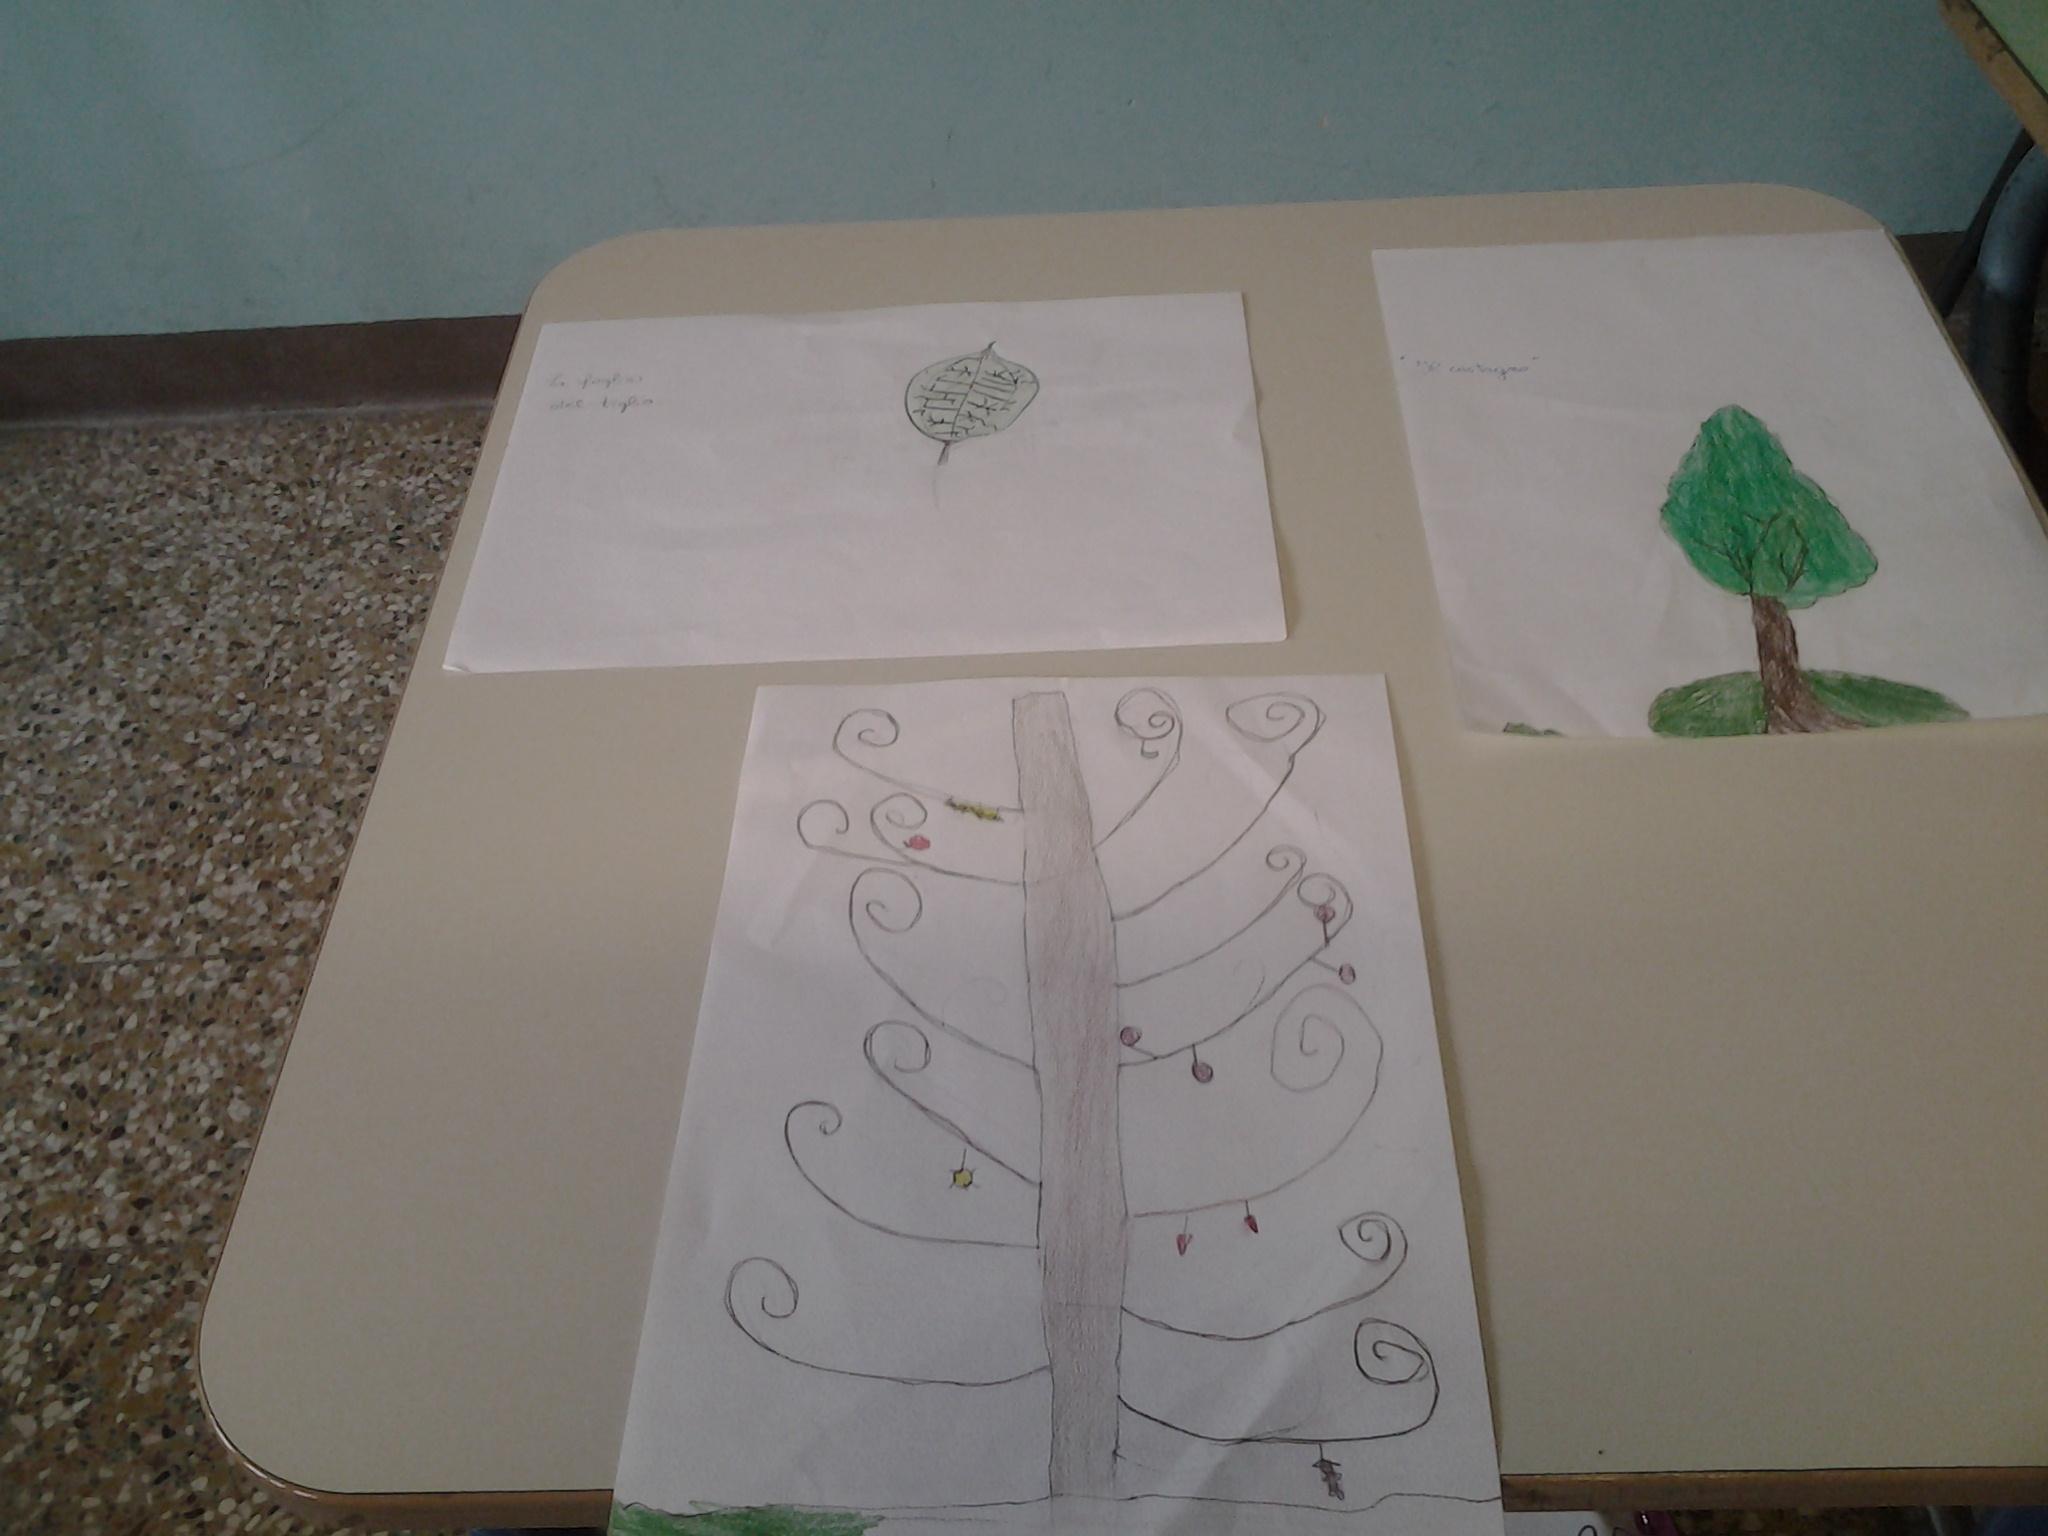 Artwork from the book - progetto piccolo principe -ottone by allievi della Scuola Primaria - Ourboox.com